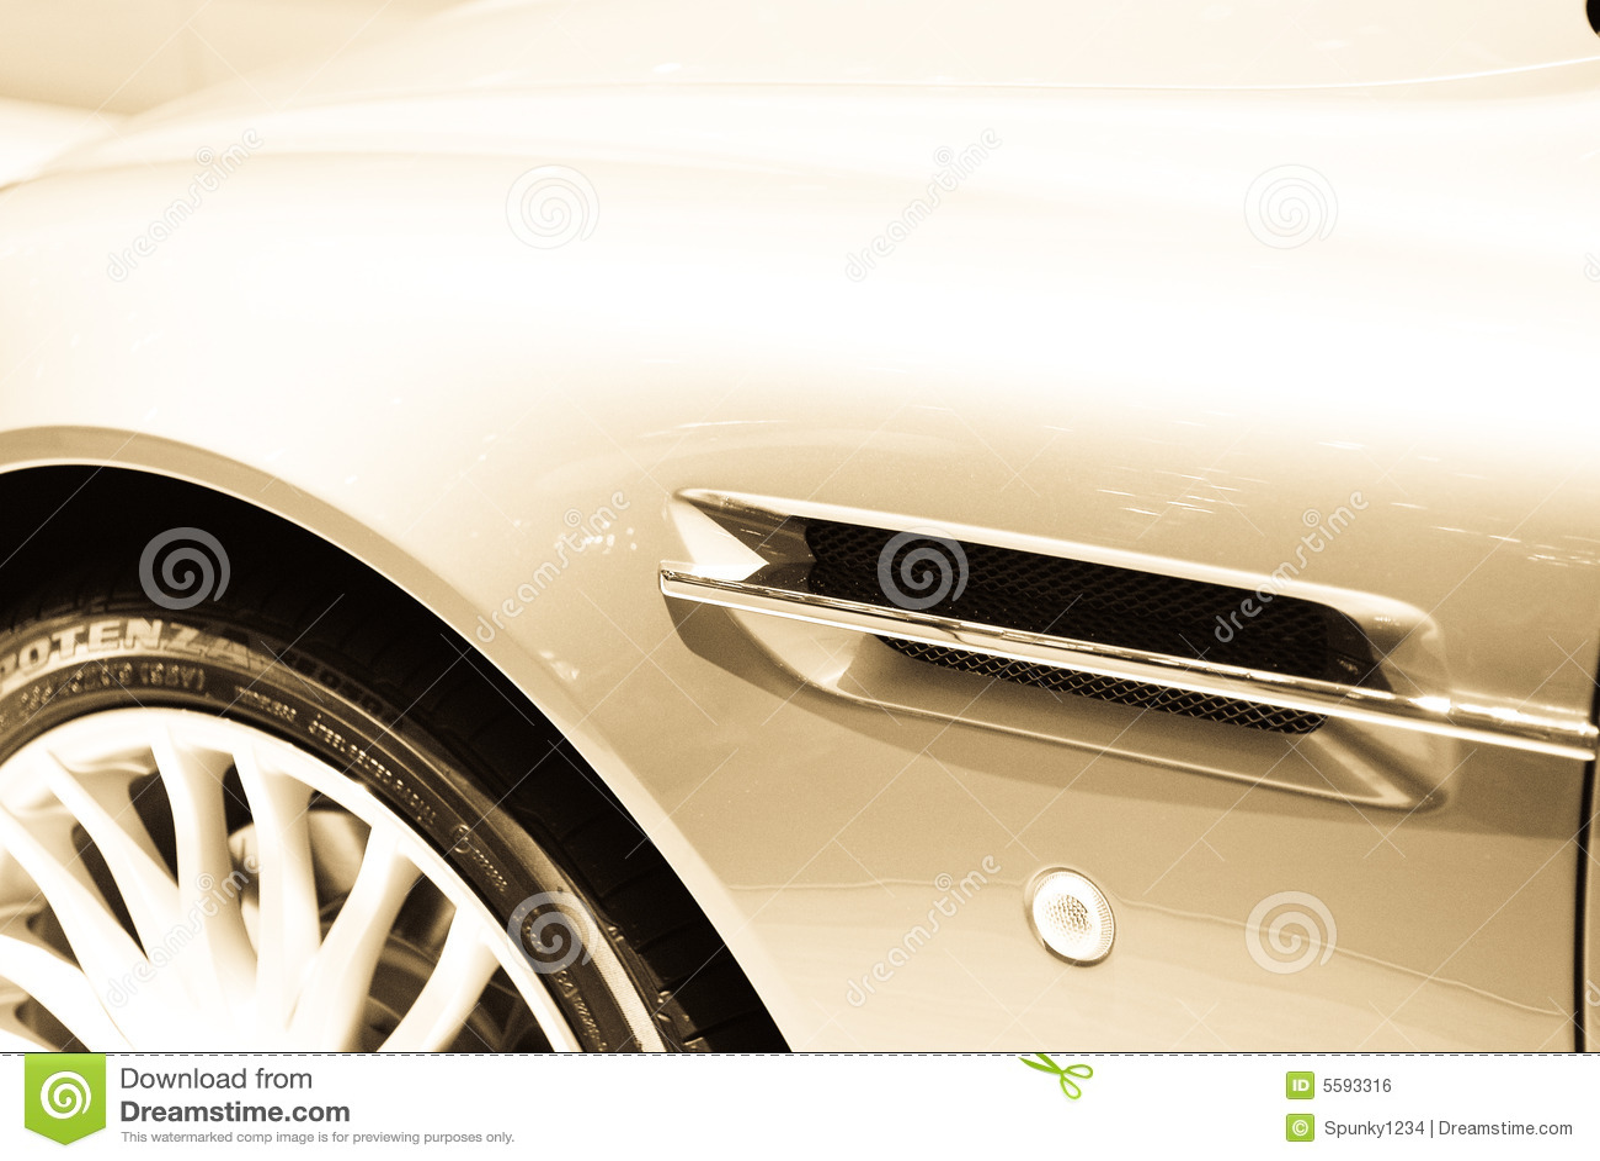 спорты детали автомобиля